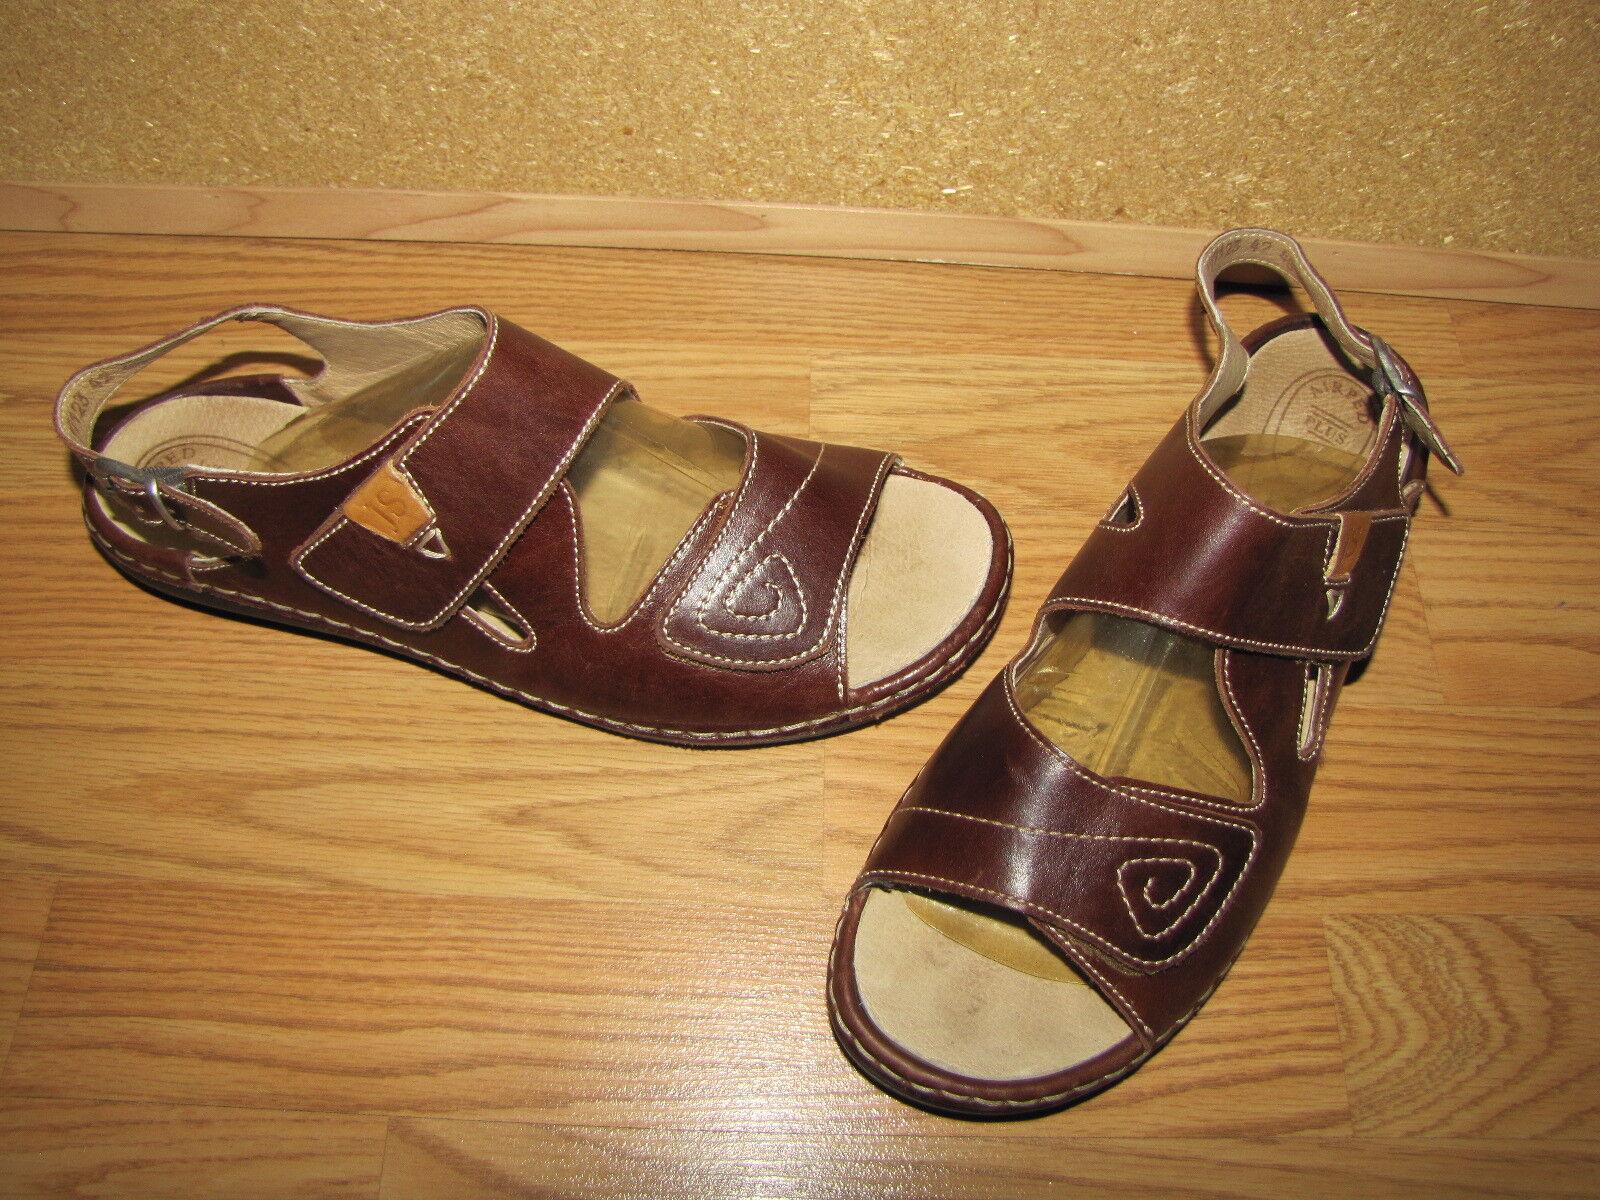 NWOB Josef Seibel Brown Strappy Sandals - 10 European 42